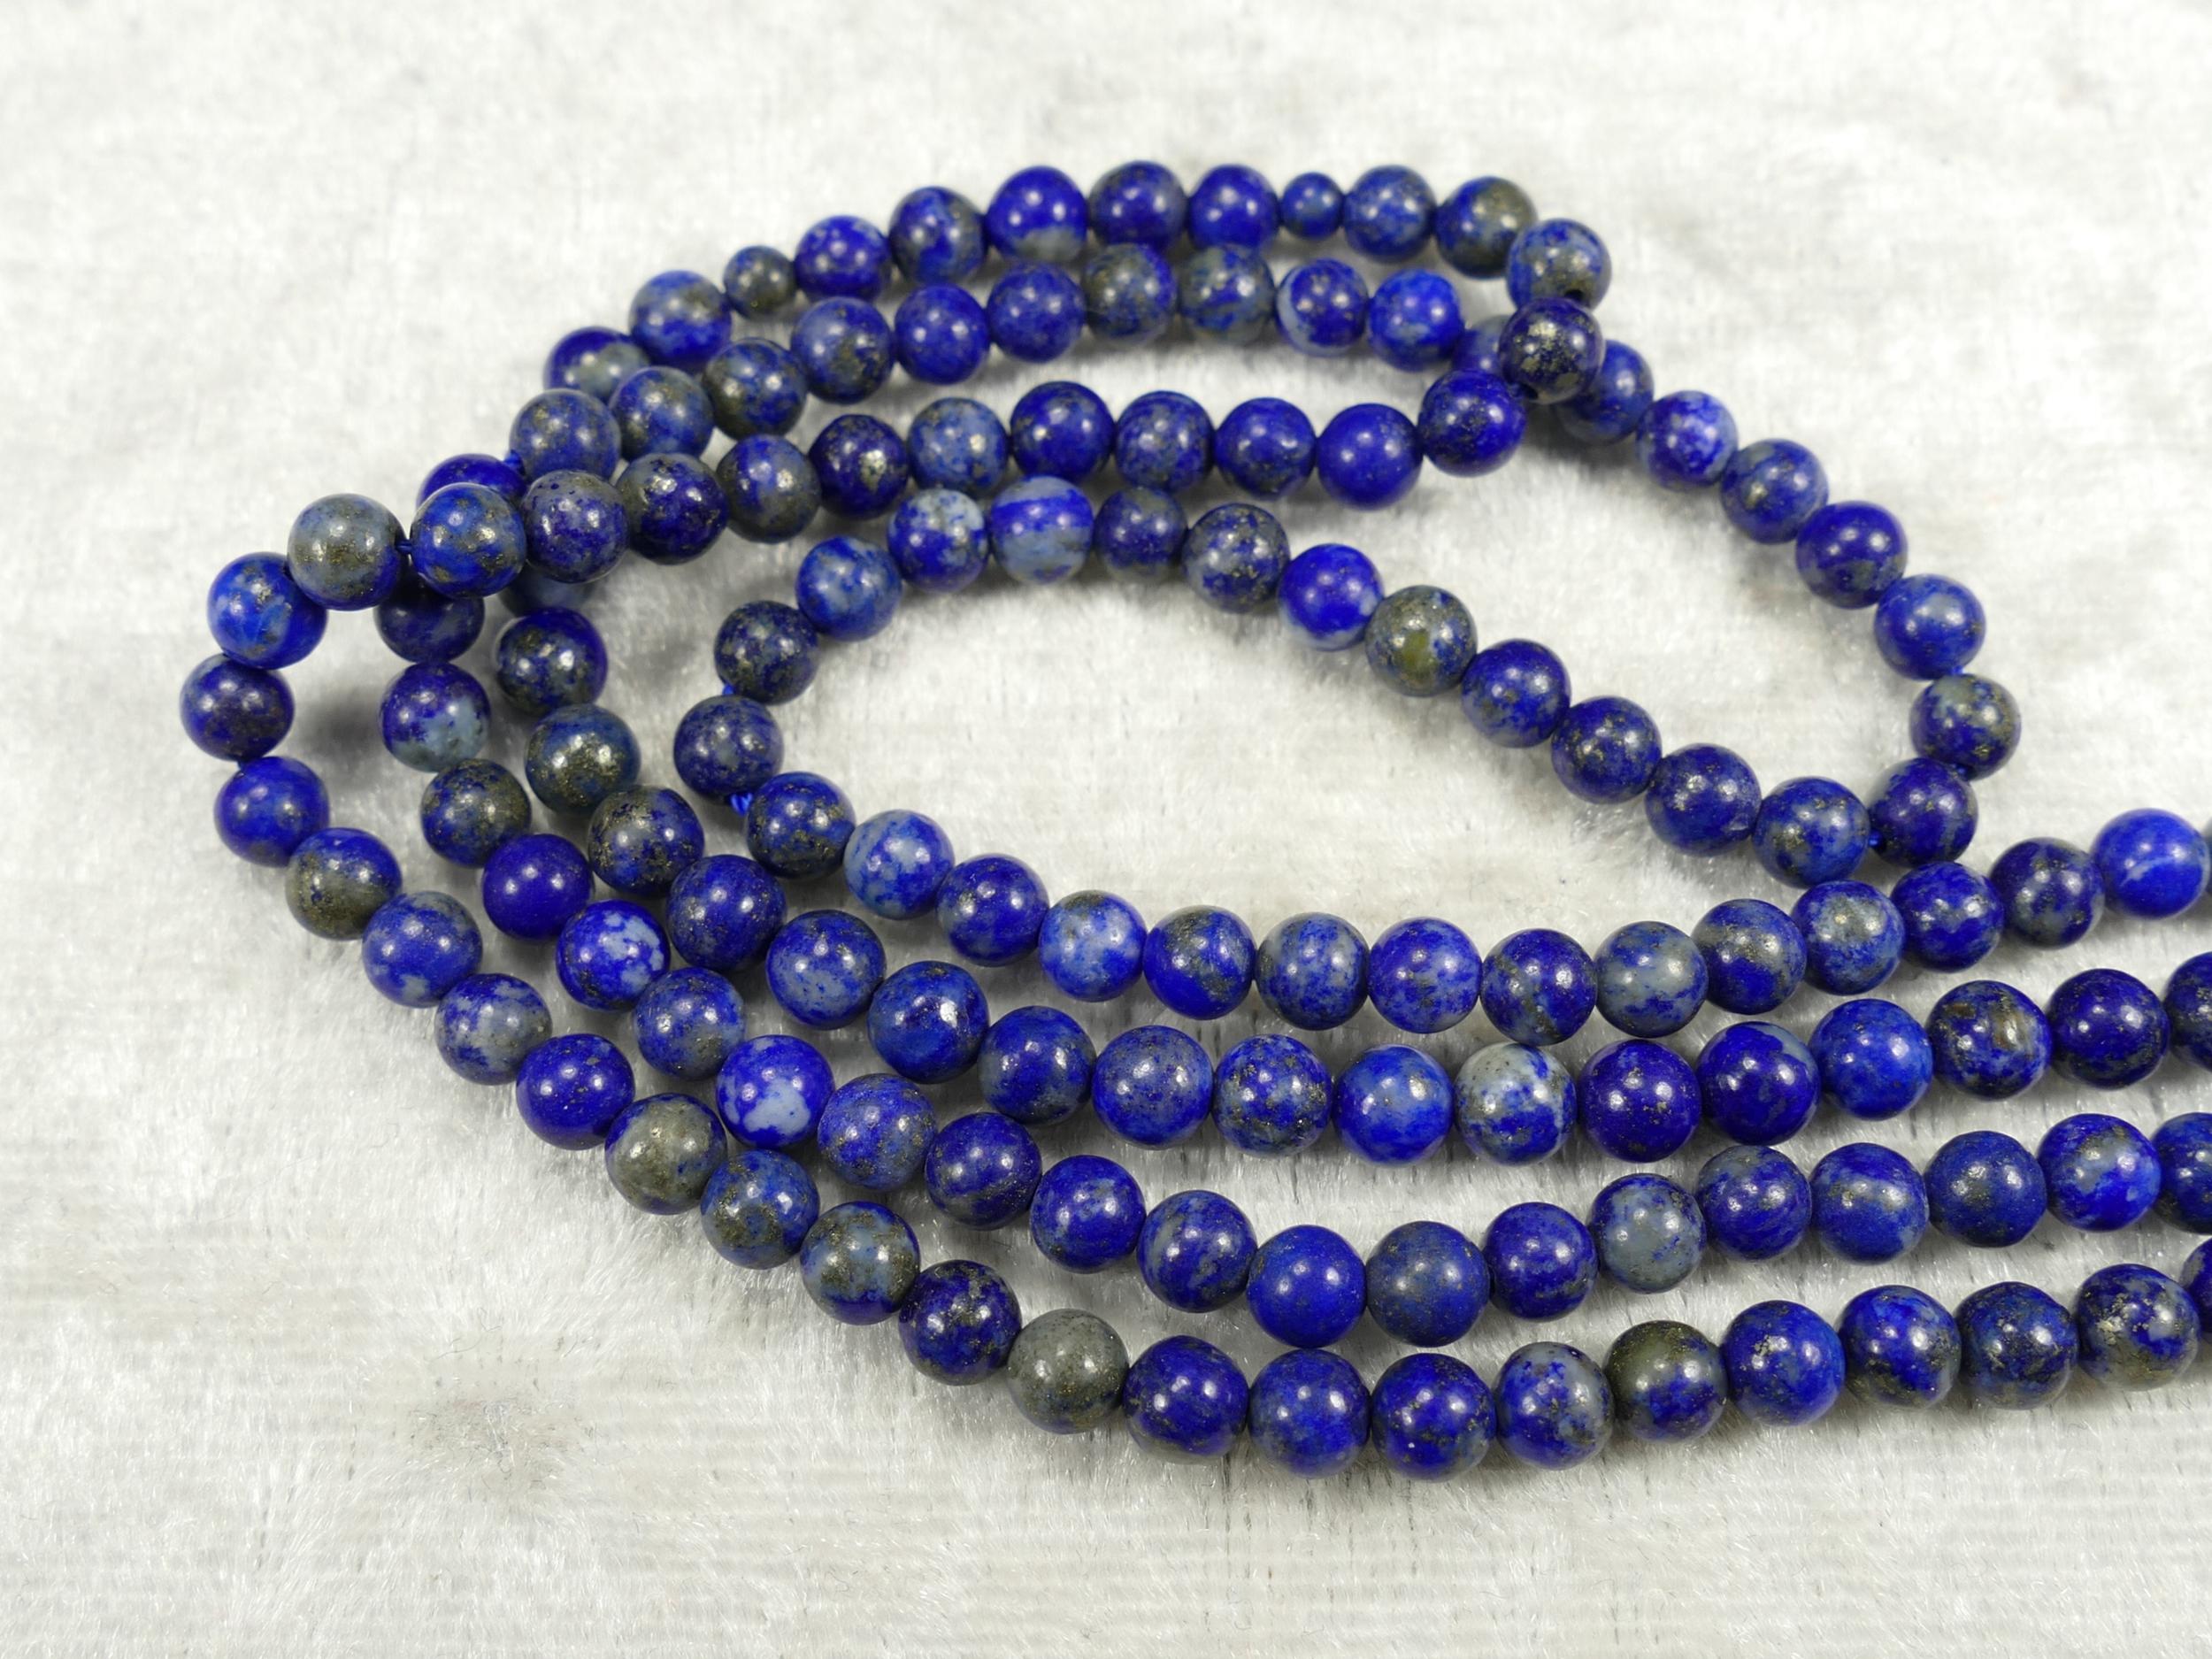 4/4.6mm Perles Lapis lazuli entièrement naturel en boule ronde lisse Afghanistan x20cm (7.8inch) (#AC649)